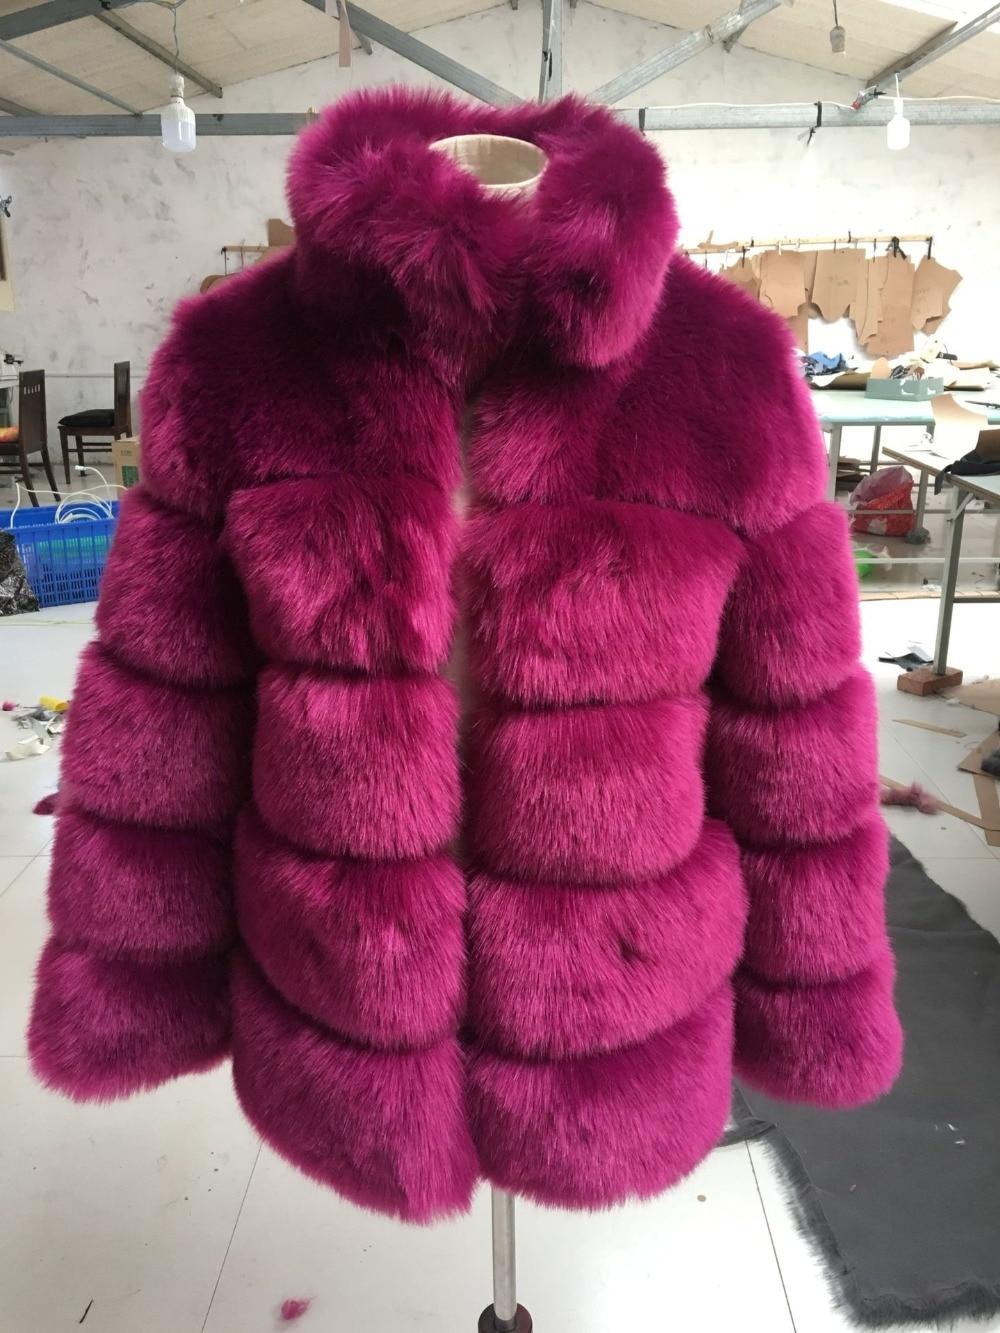 Manteau Lisa gris ardoisé Femmes Manches D'hiver Fourrure Faux Renard Fausse Outwear noir Luxe Colly Bleu camel fuchsia En Longues Mince De À Veste Col marron Axxrtwq